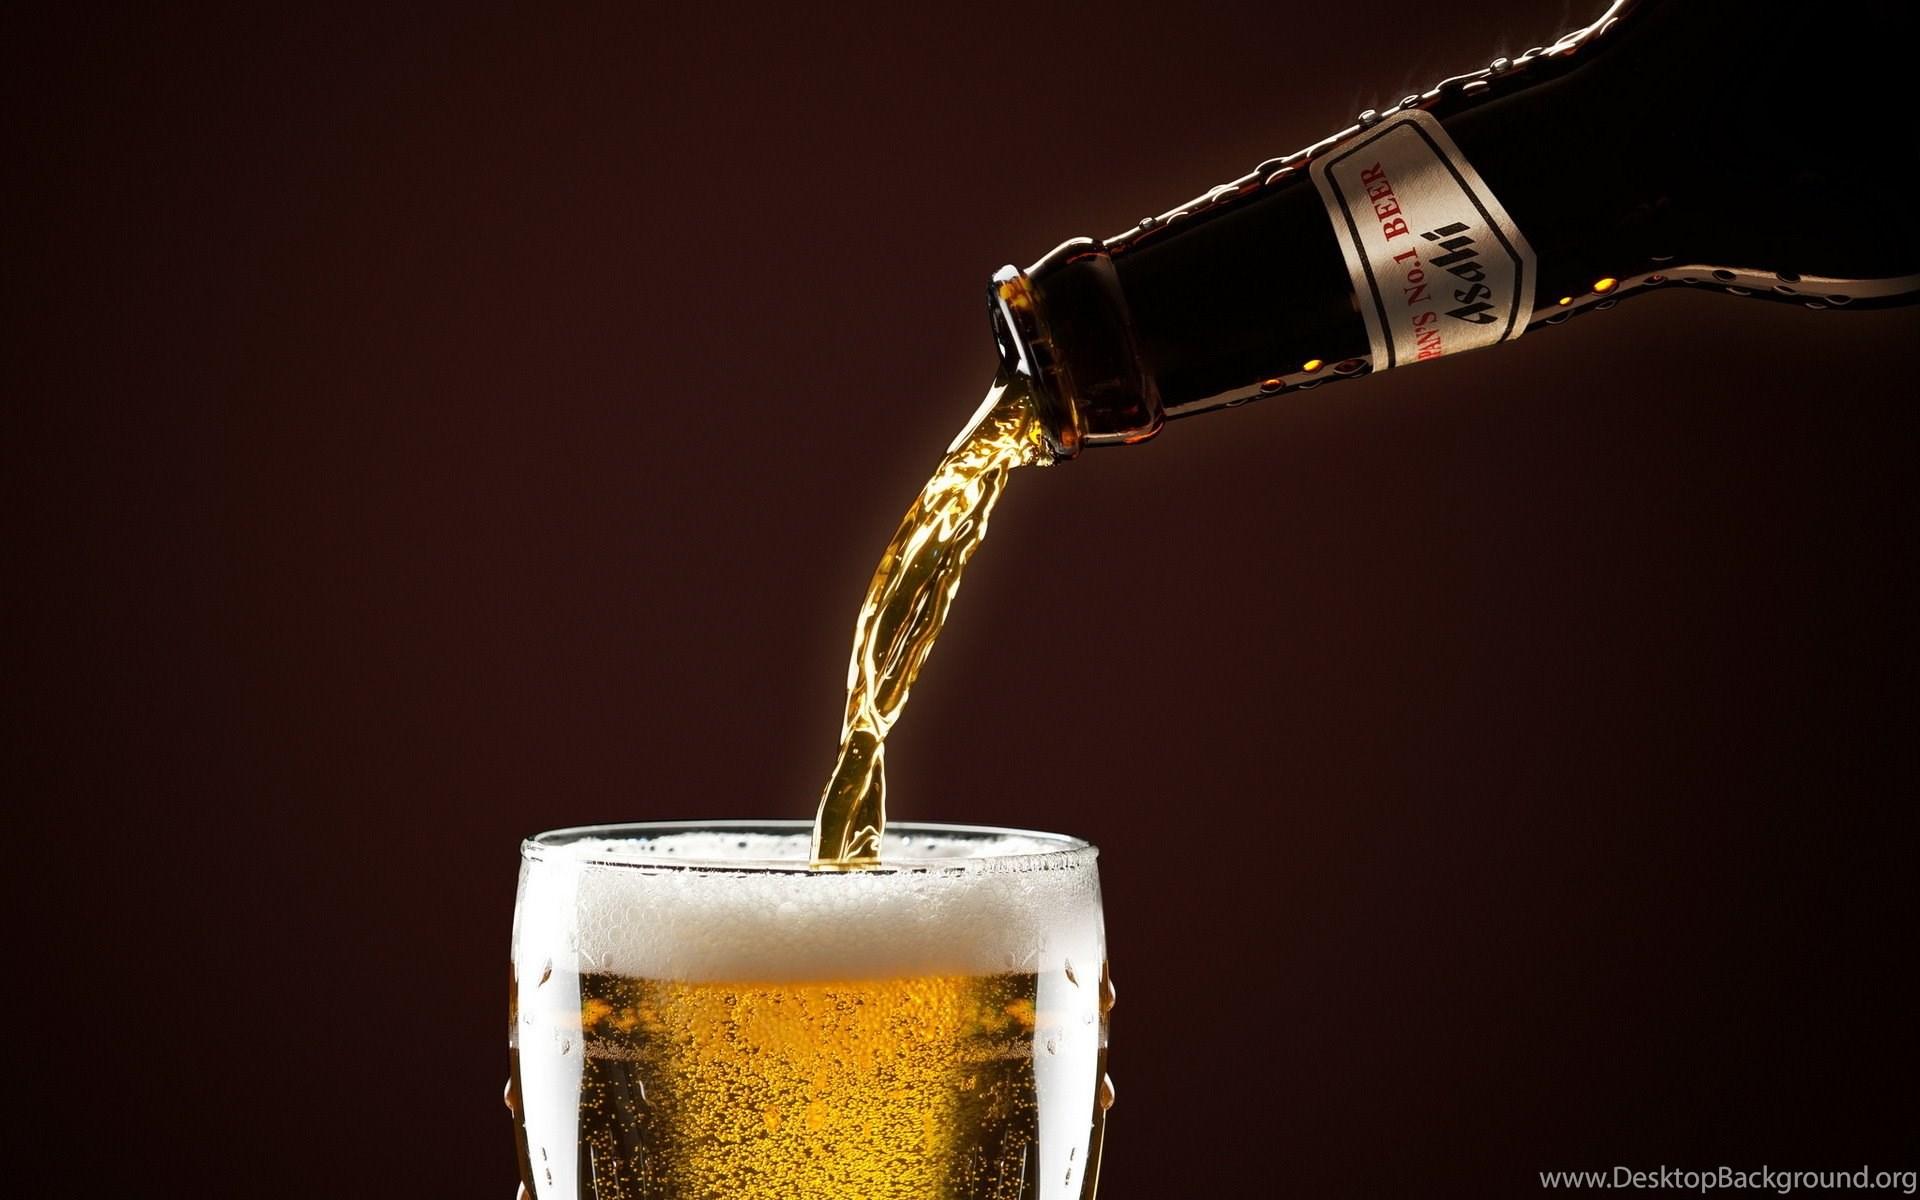 Other Wallpapers Kokean.com: Beer Bottle Wallpapers